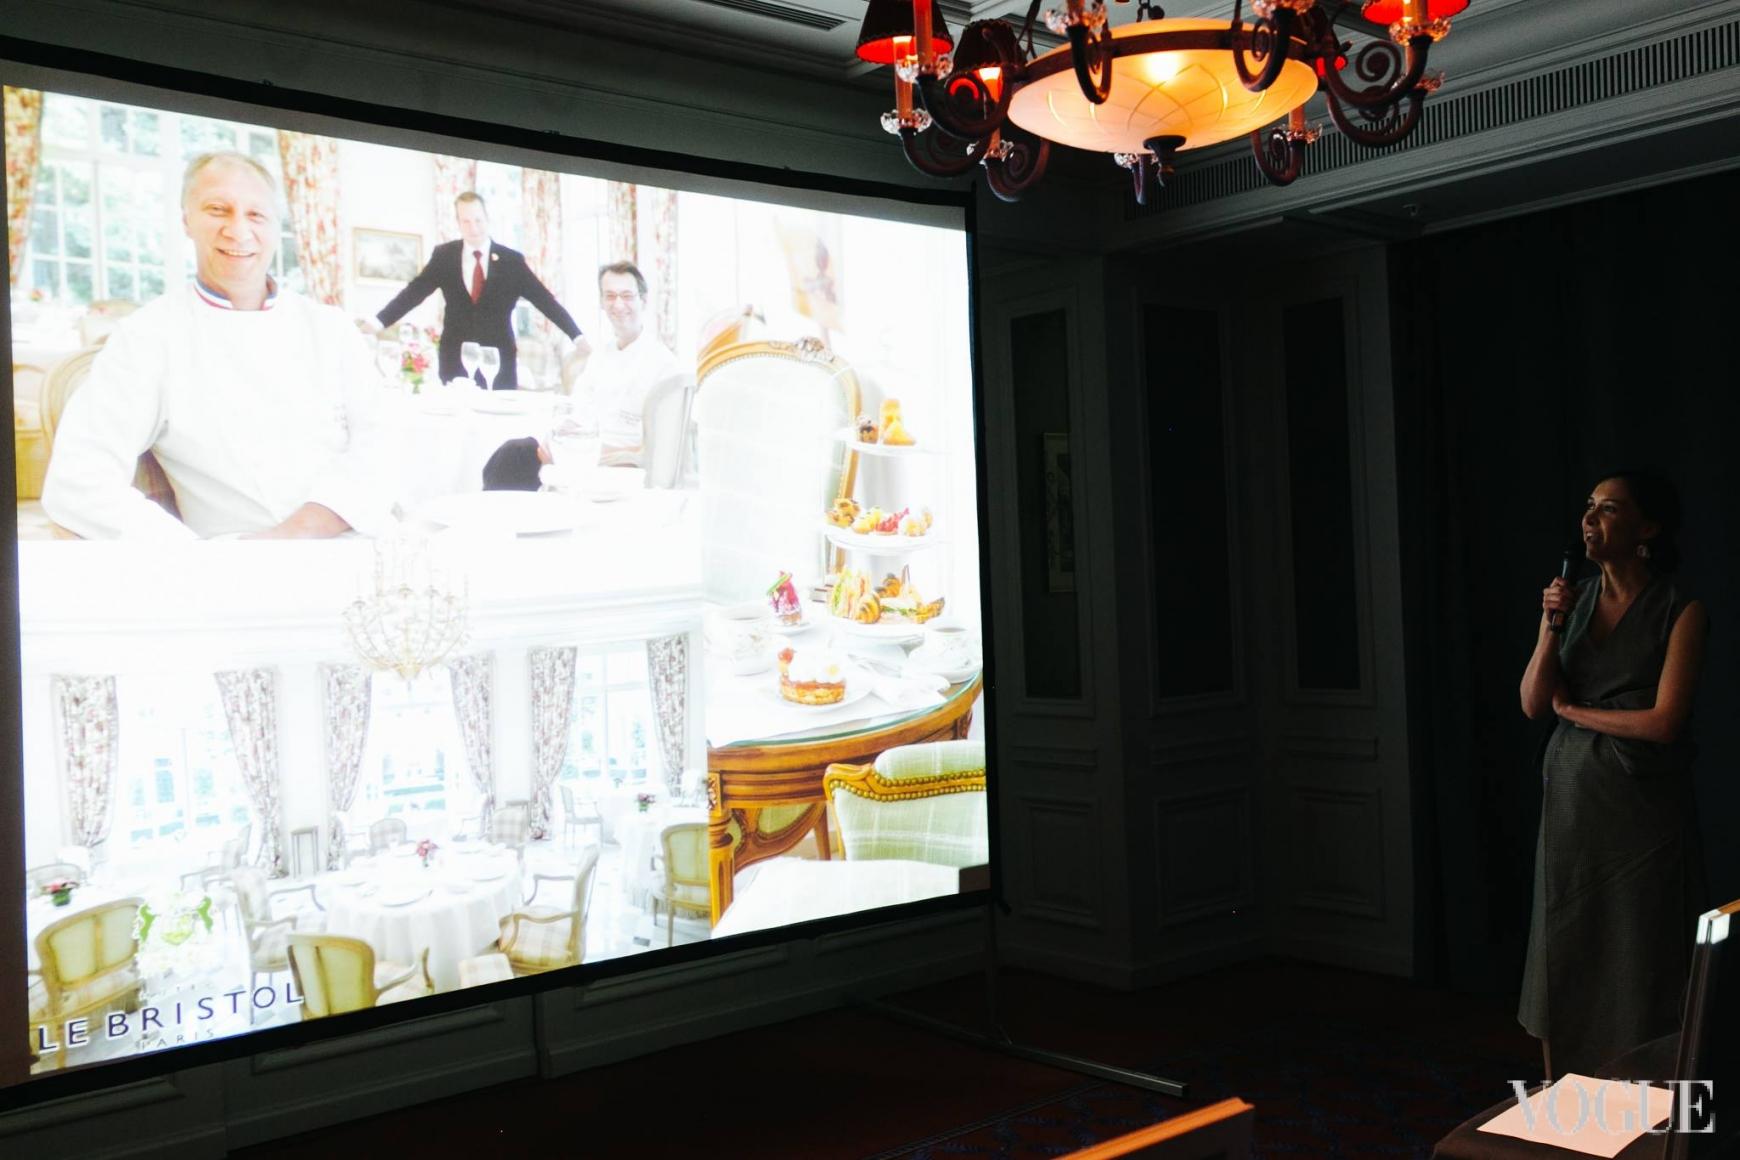 Ольга Сушко разыгрывает подарочный сертификат на ужин в парижском гастрономическом ресторане Epiqure (отель Le Bristol), отмеченном тремя звездами Мишлен